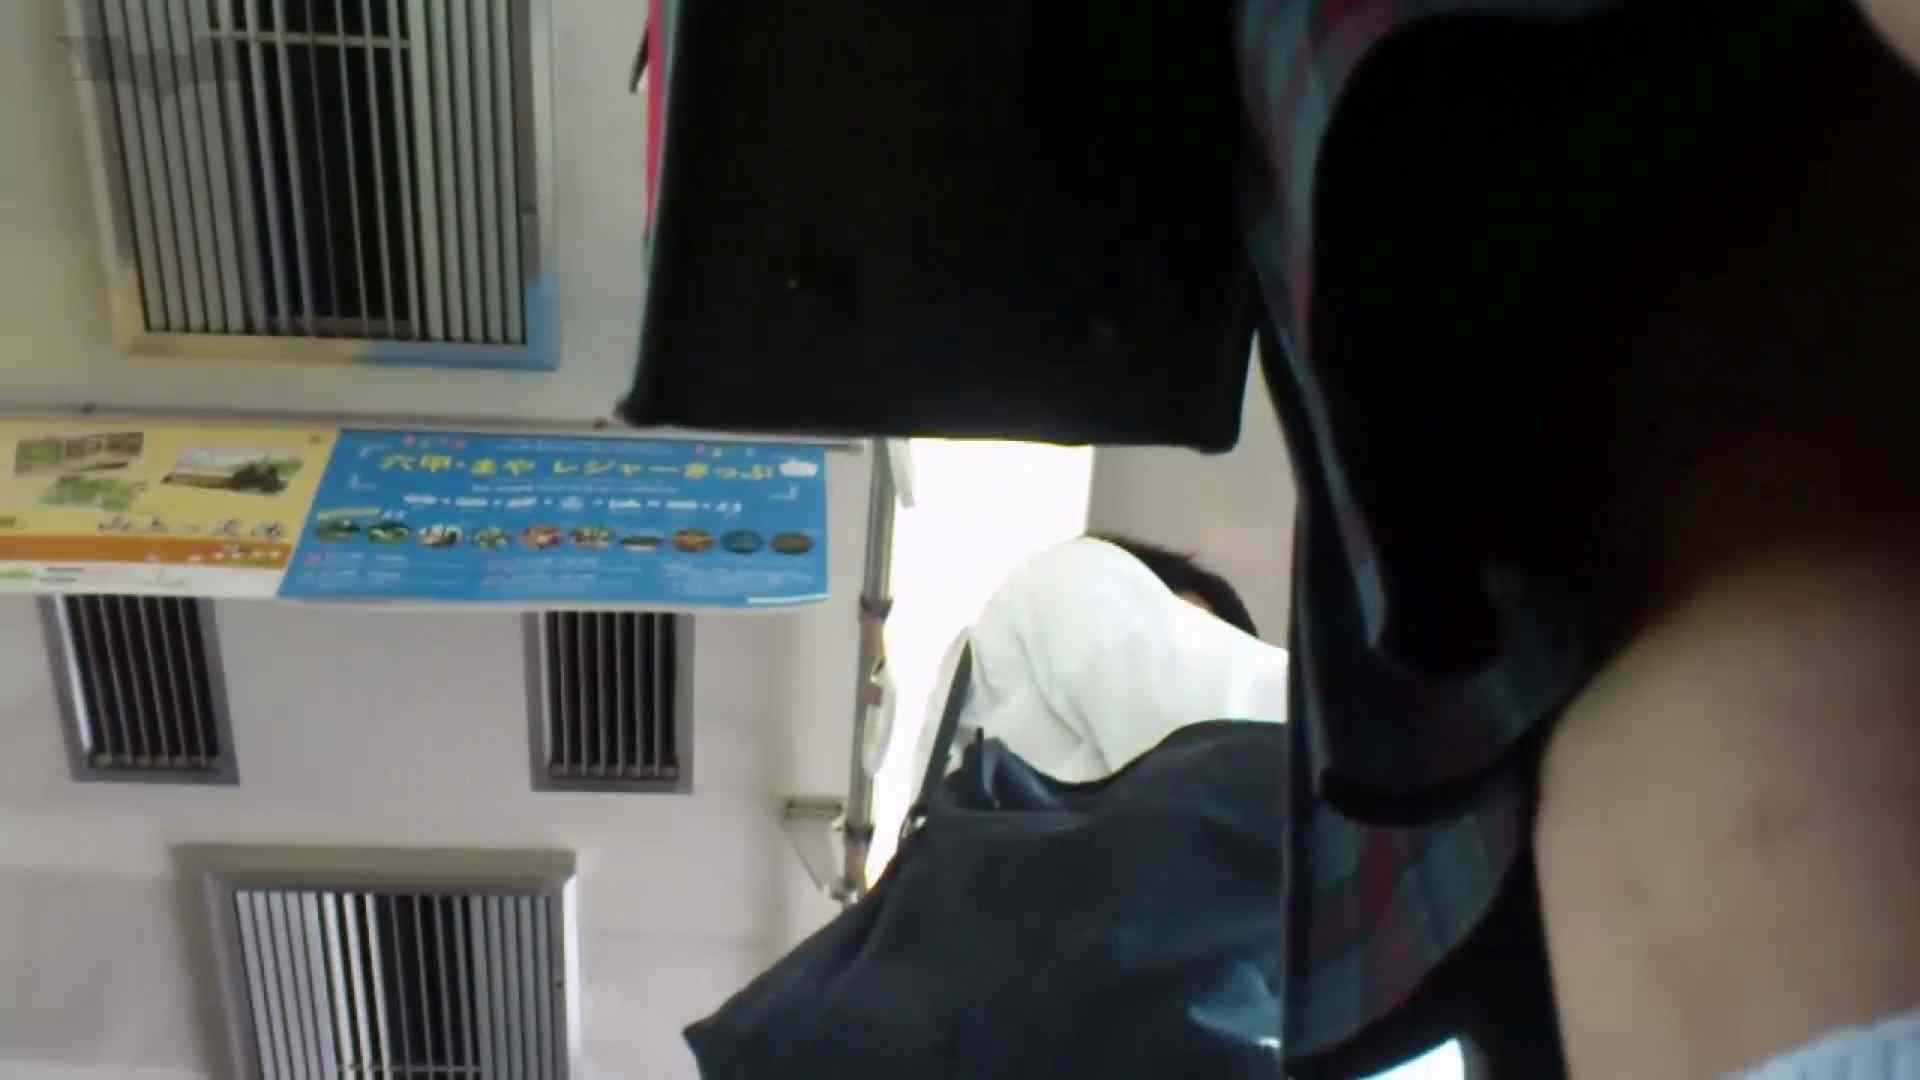 期間限定 超炉利盗撮 Vol.04 神キタ~達の炉利パンツを激撮 パンツ特集 ヌード画像 68画像 9